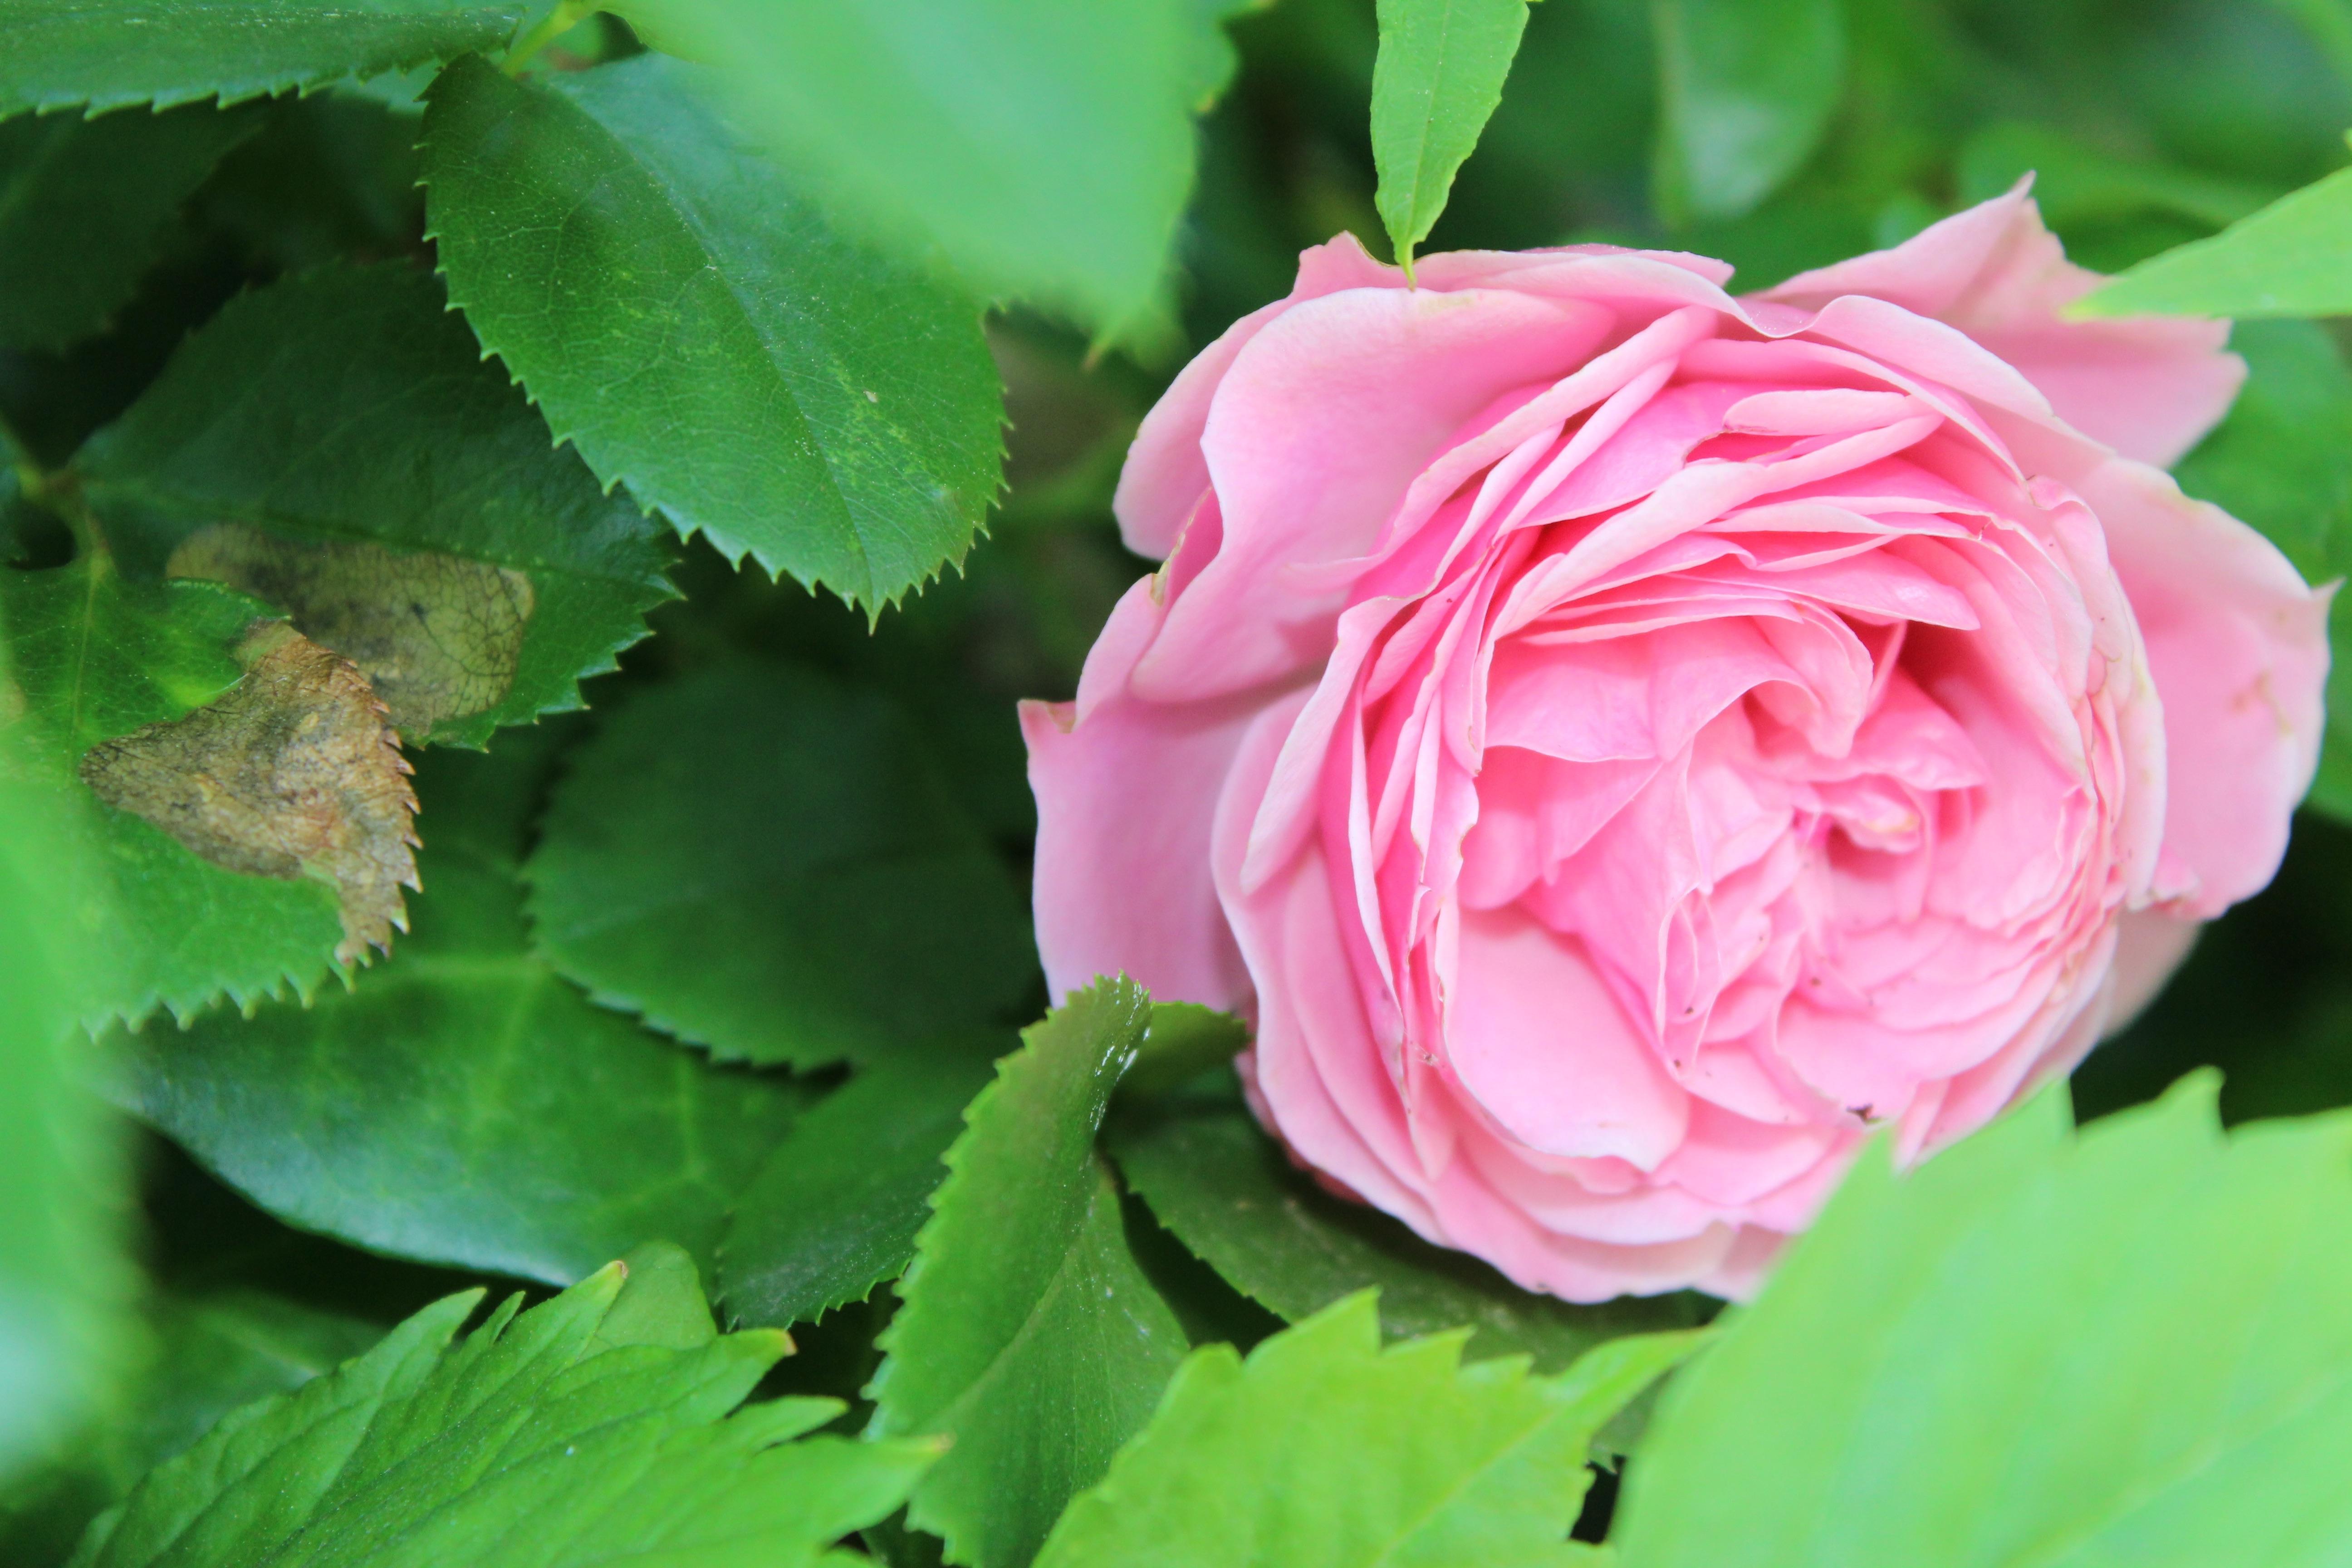 返り咲きの薔薇、レオナルドダビンチの花は初めて見ました。